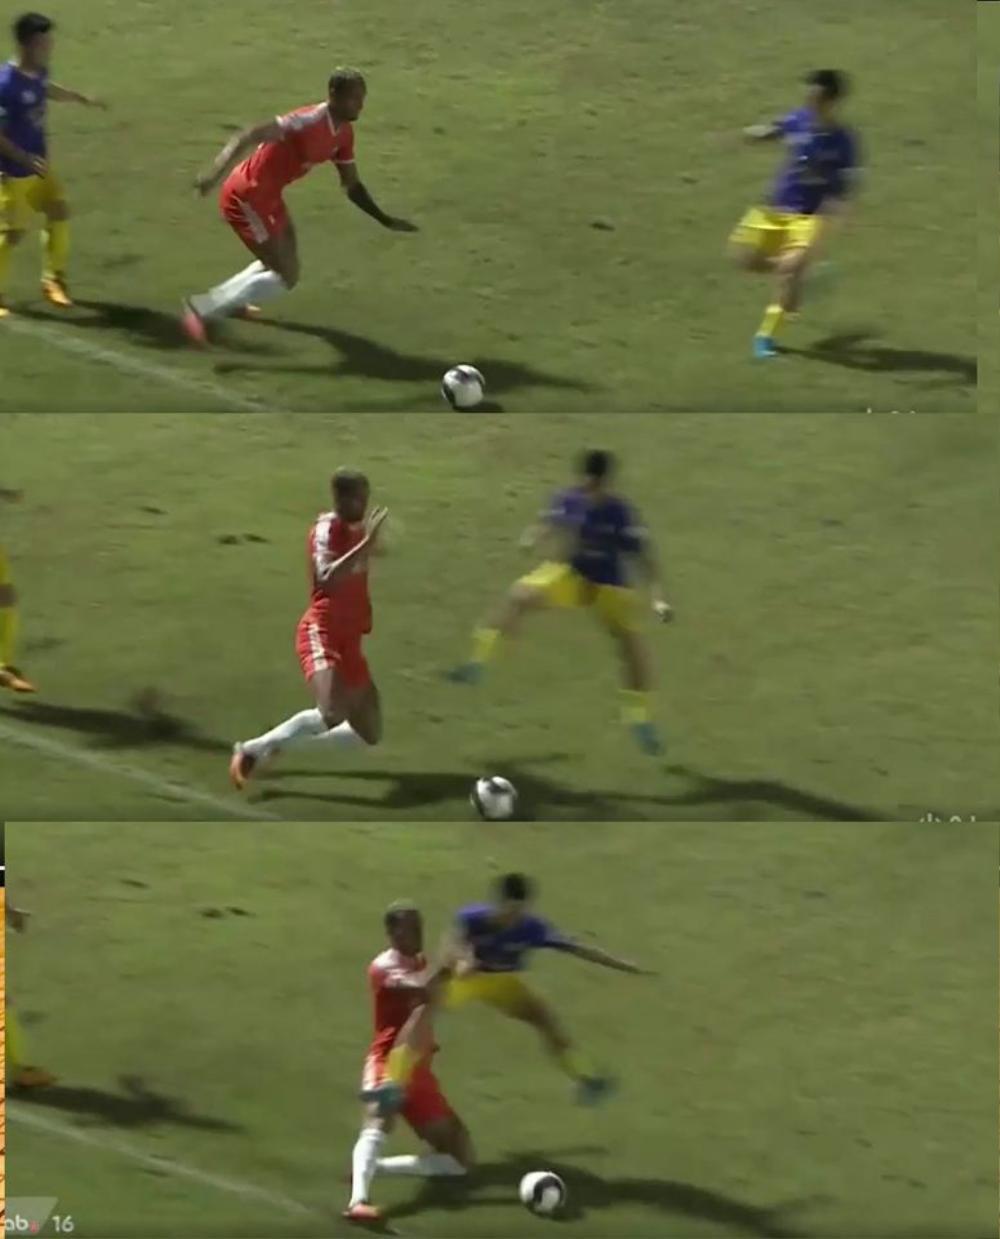 Liên tục chơi xấu, cầu thủ Hà Nội FC có xấu hổ trước nỗi đau của Hùng Dũng? Ảnh 3